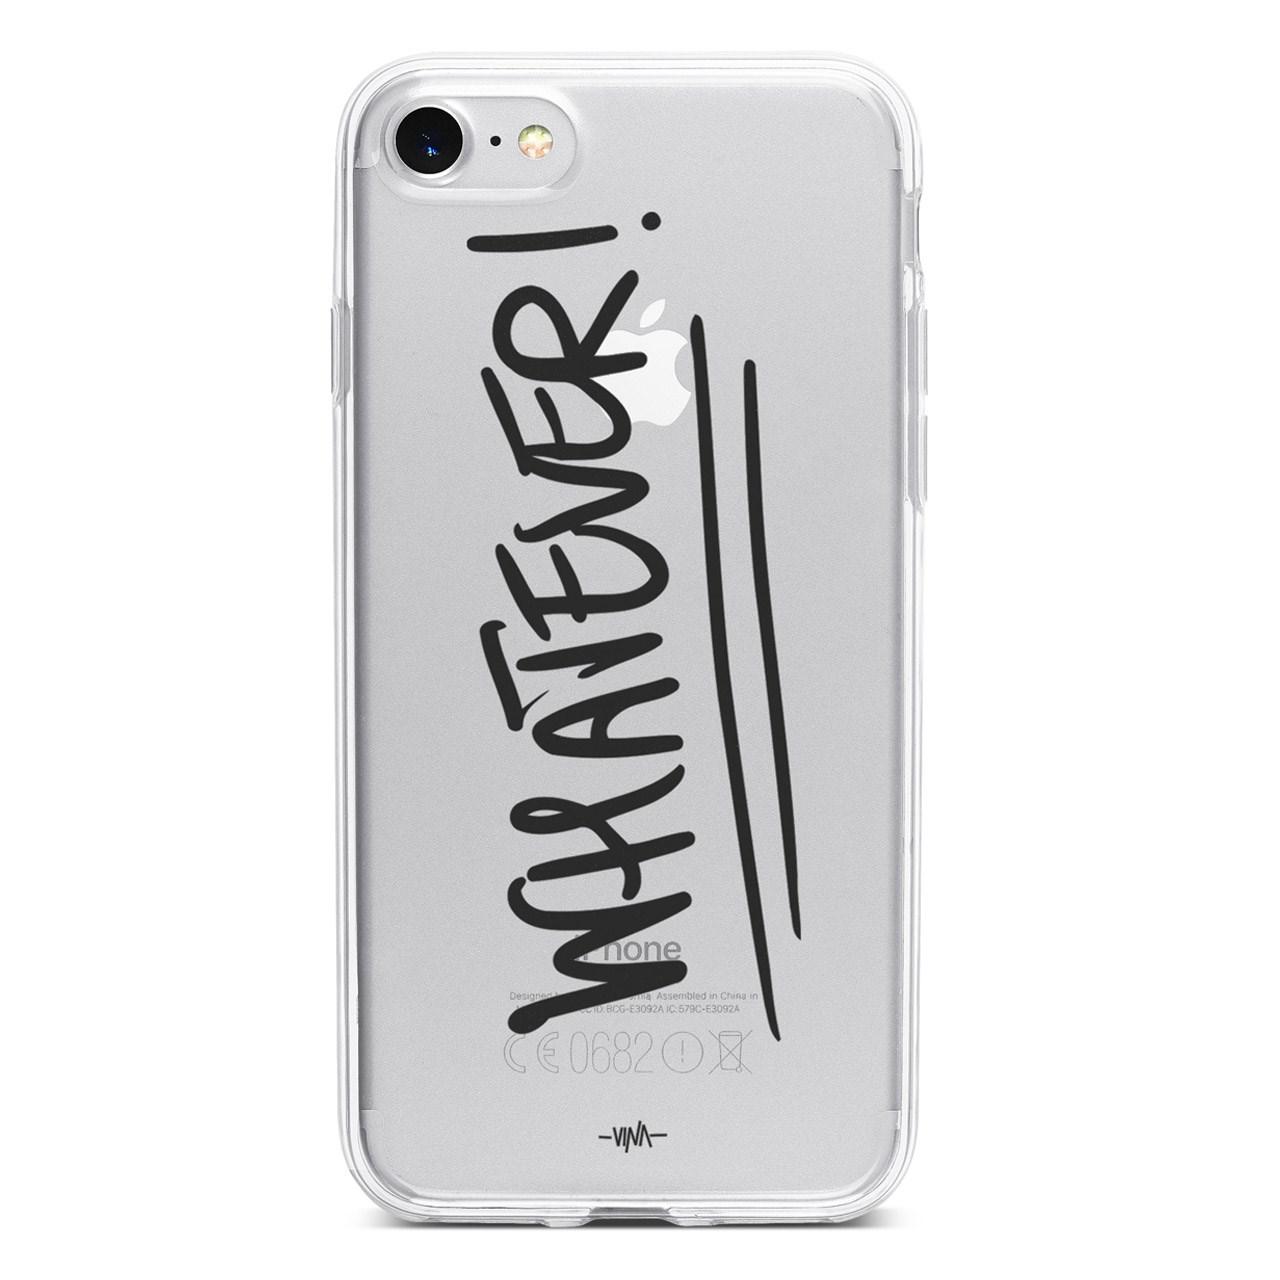 کاور  ژله ای مدل  Whatever   مناسب برای گوشی موبایل آیفون 7 و 8